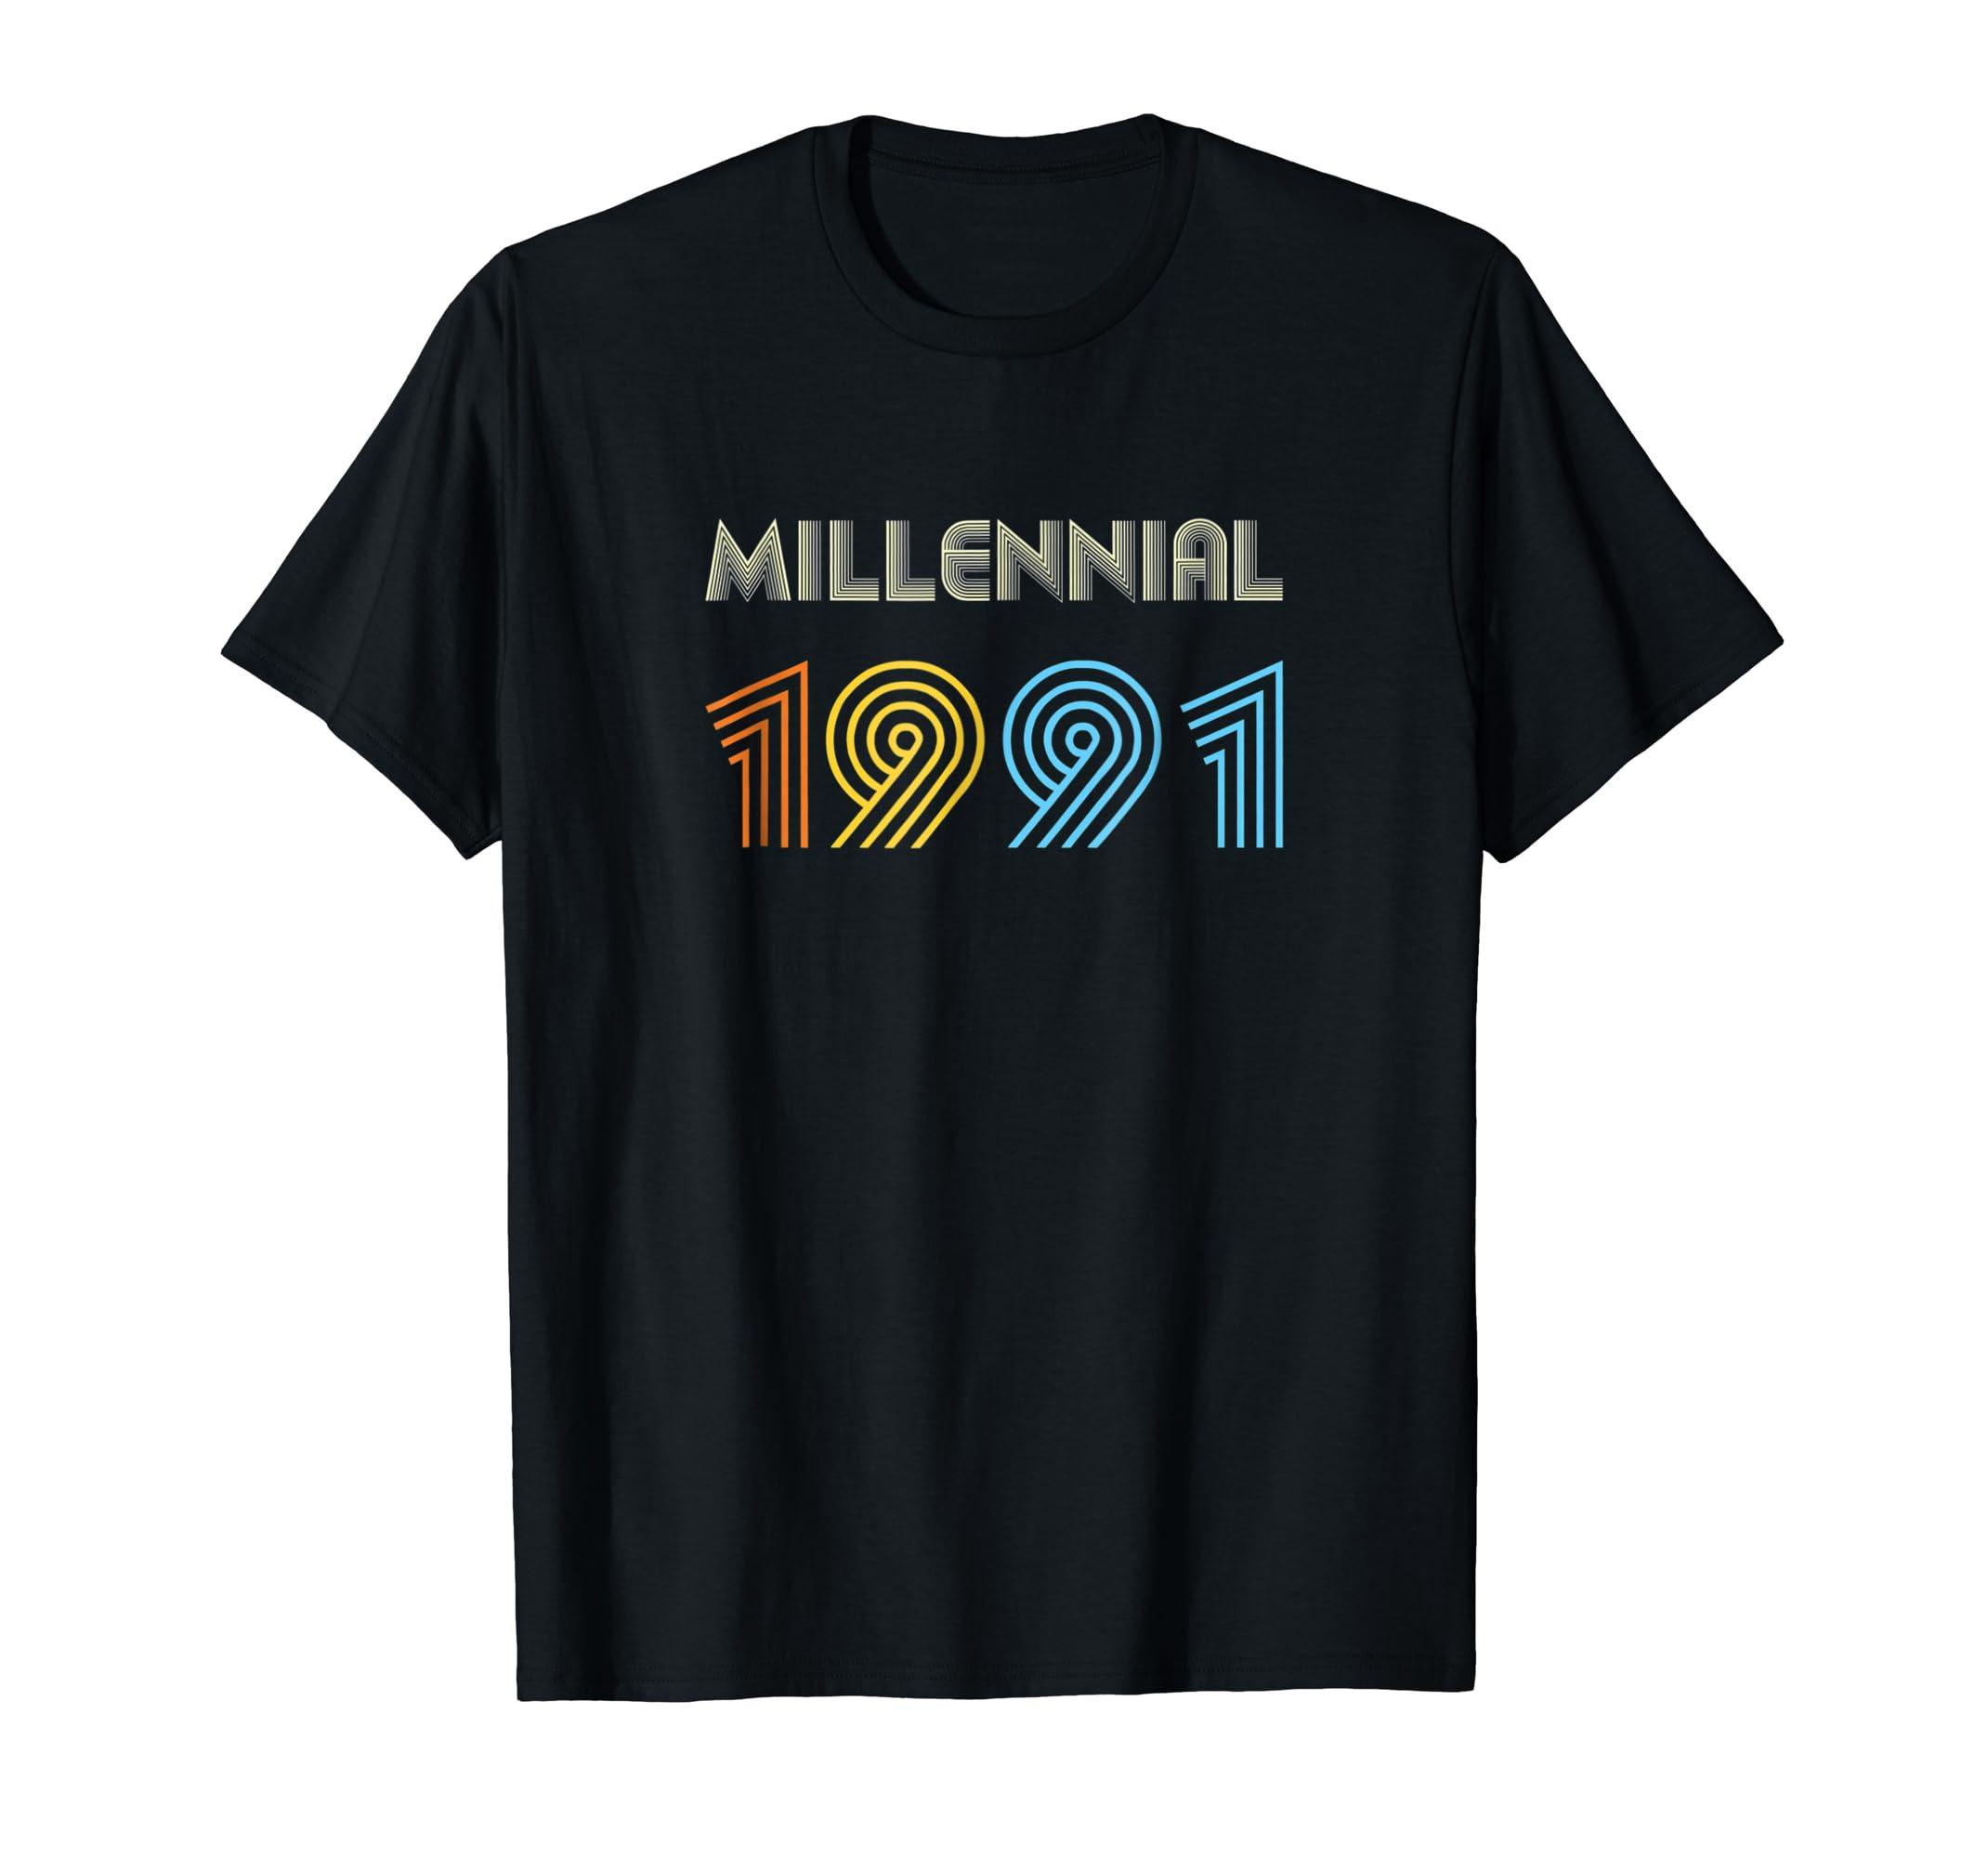 Xeire Millennial Born in 1991 Birthday Gift Shirt-SFL